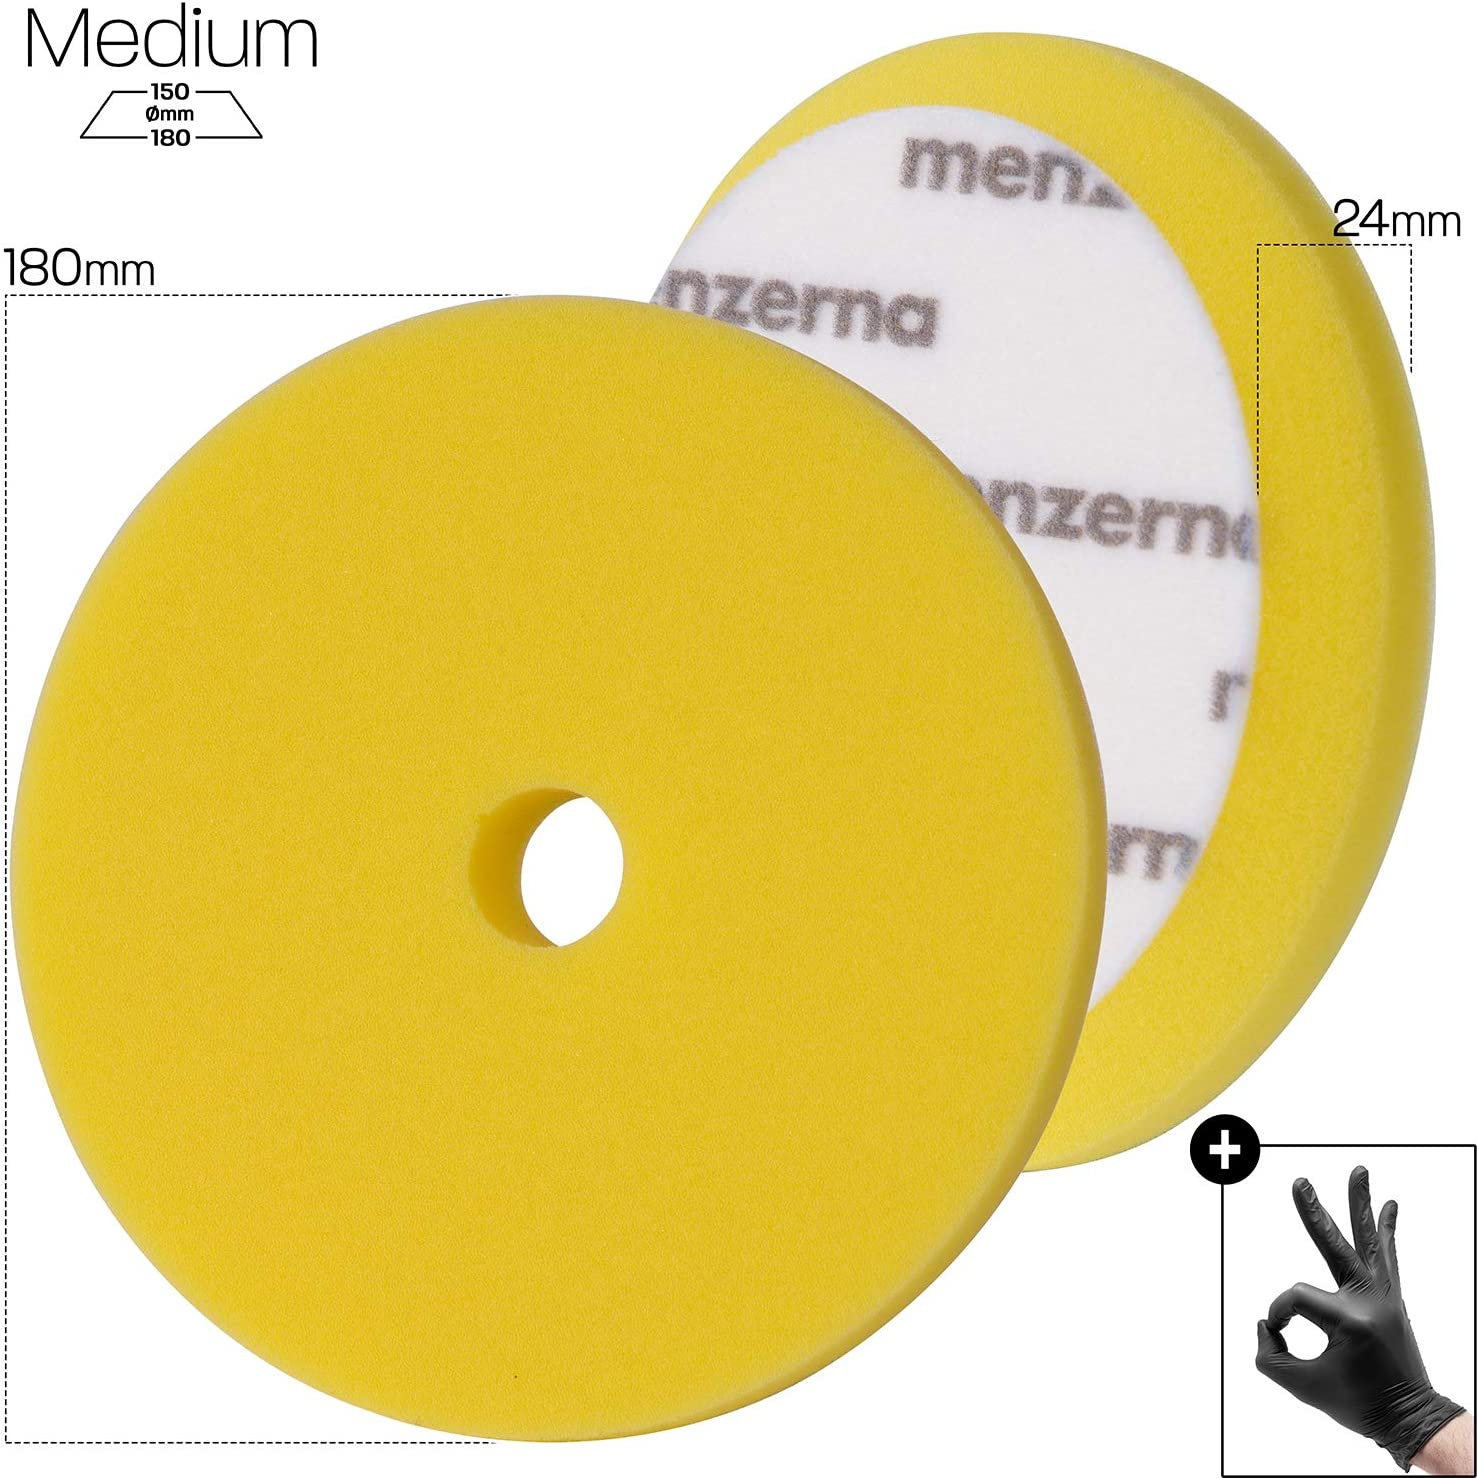 Detailmate Menzerna Medium Cut Premium Pad 180 Mm Gelb 1x Schutzhandschuh Aus Nitril Auto